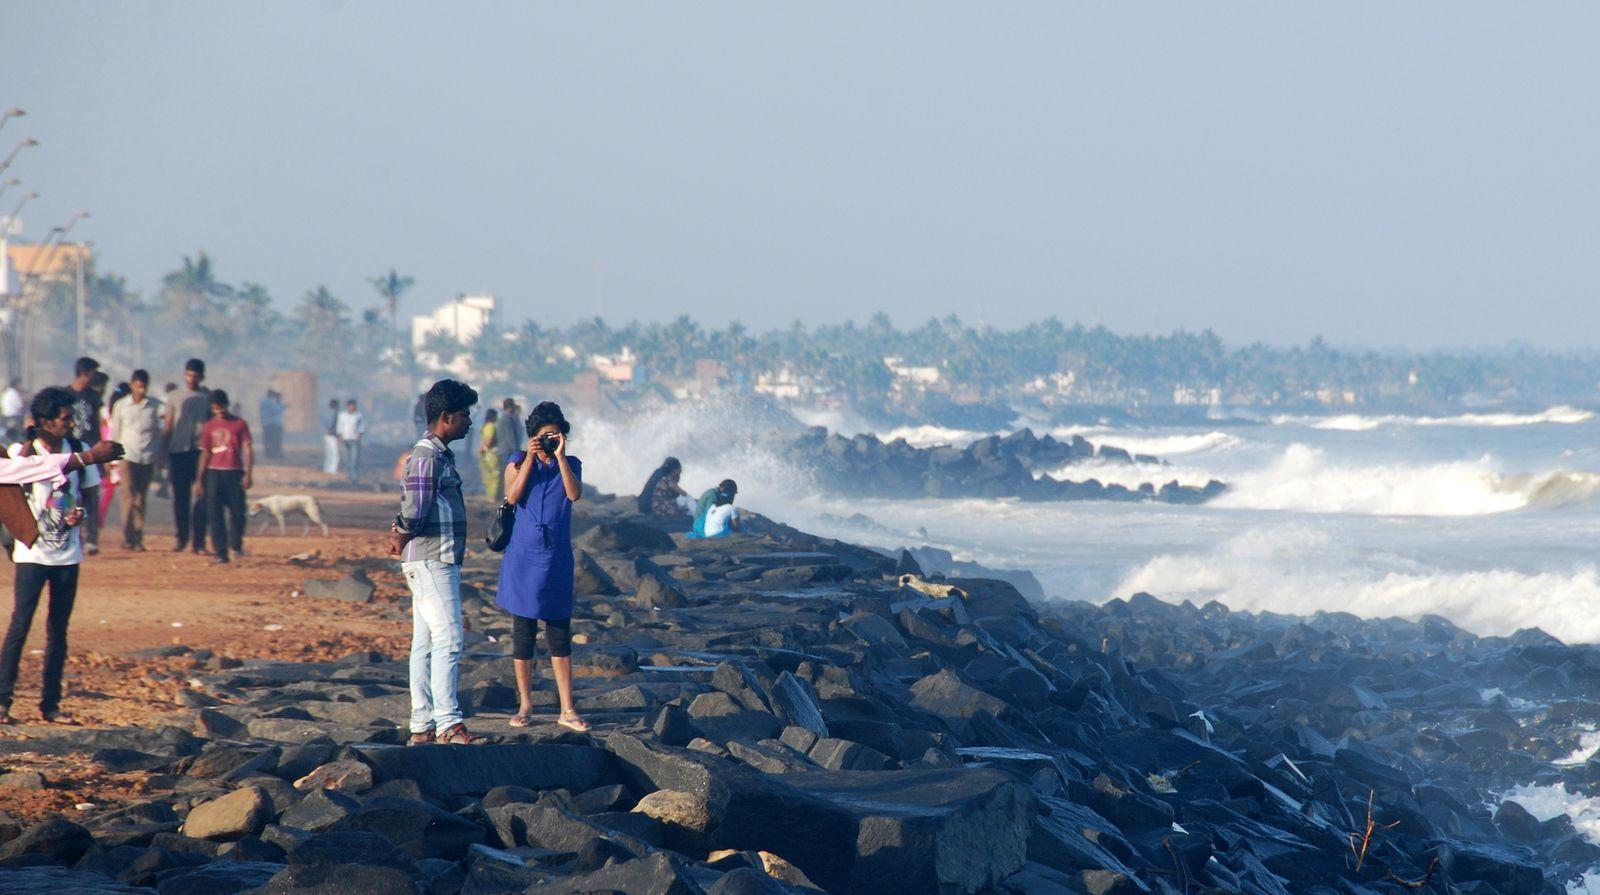 Inde du Sud / 1 / 2013 / Il est 08h16, nous sommes 4 Novembre 2020